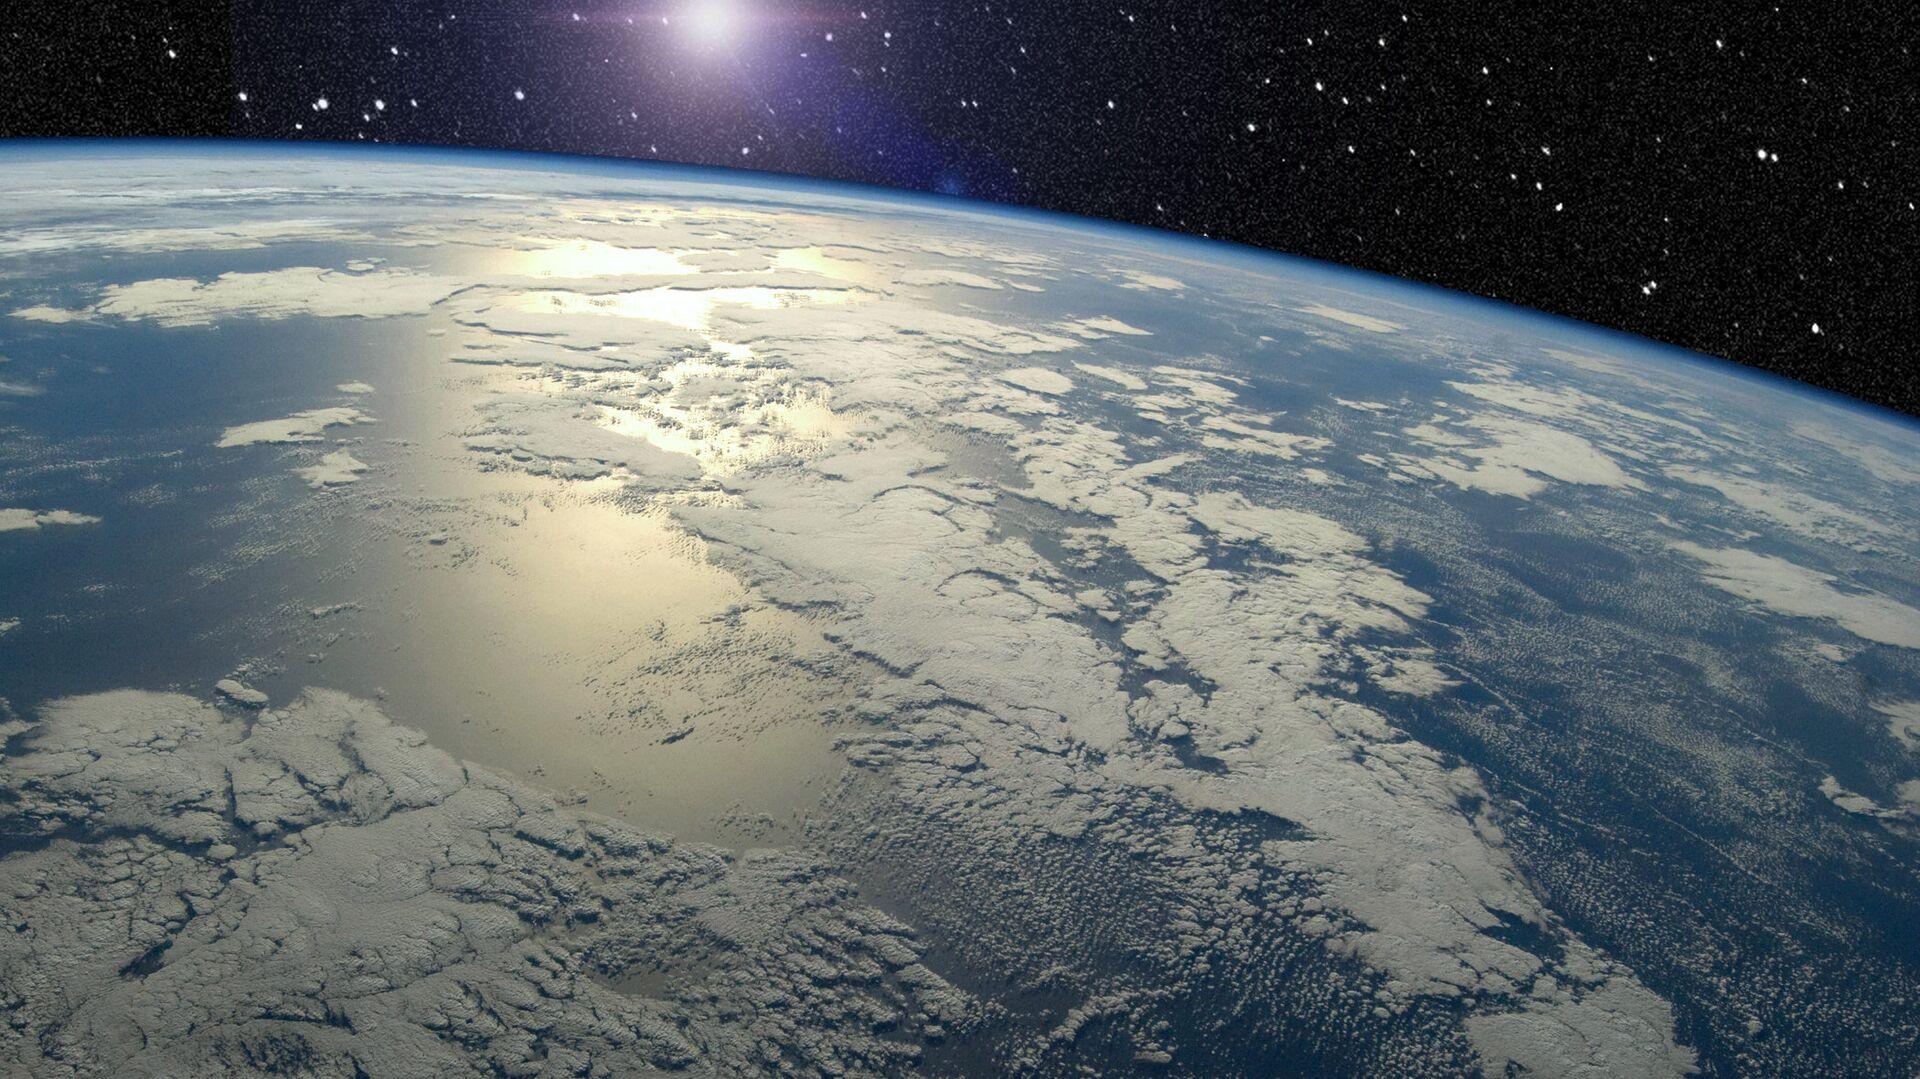 Vista de la Tierra desde el espacio (archivo) - Sputnik Mundo, 1920, 06.08.2021